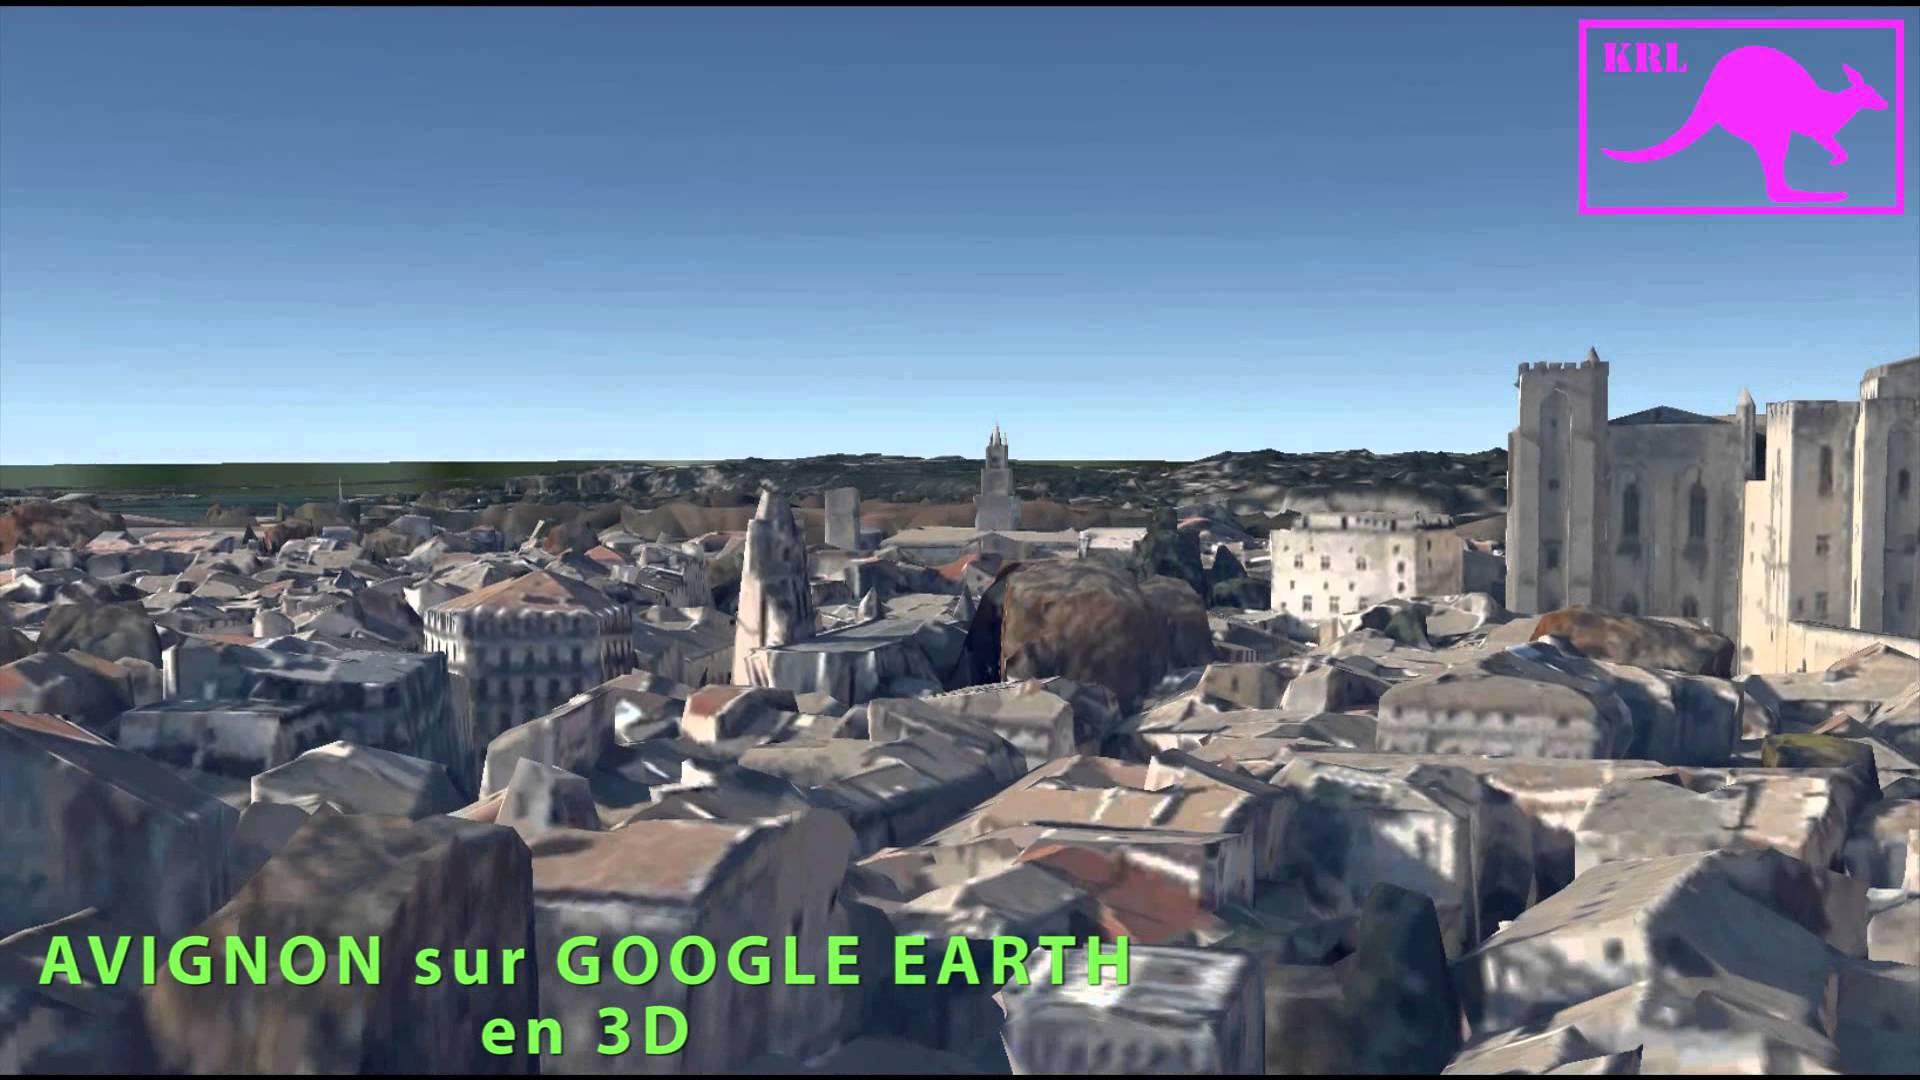 avignon 3d google